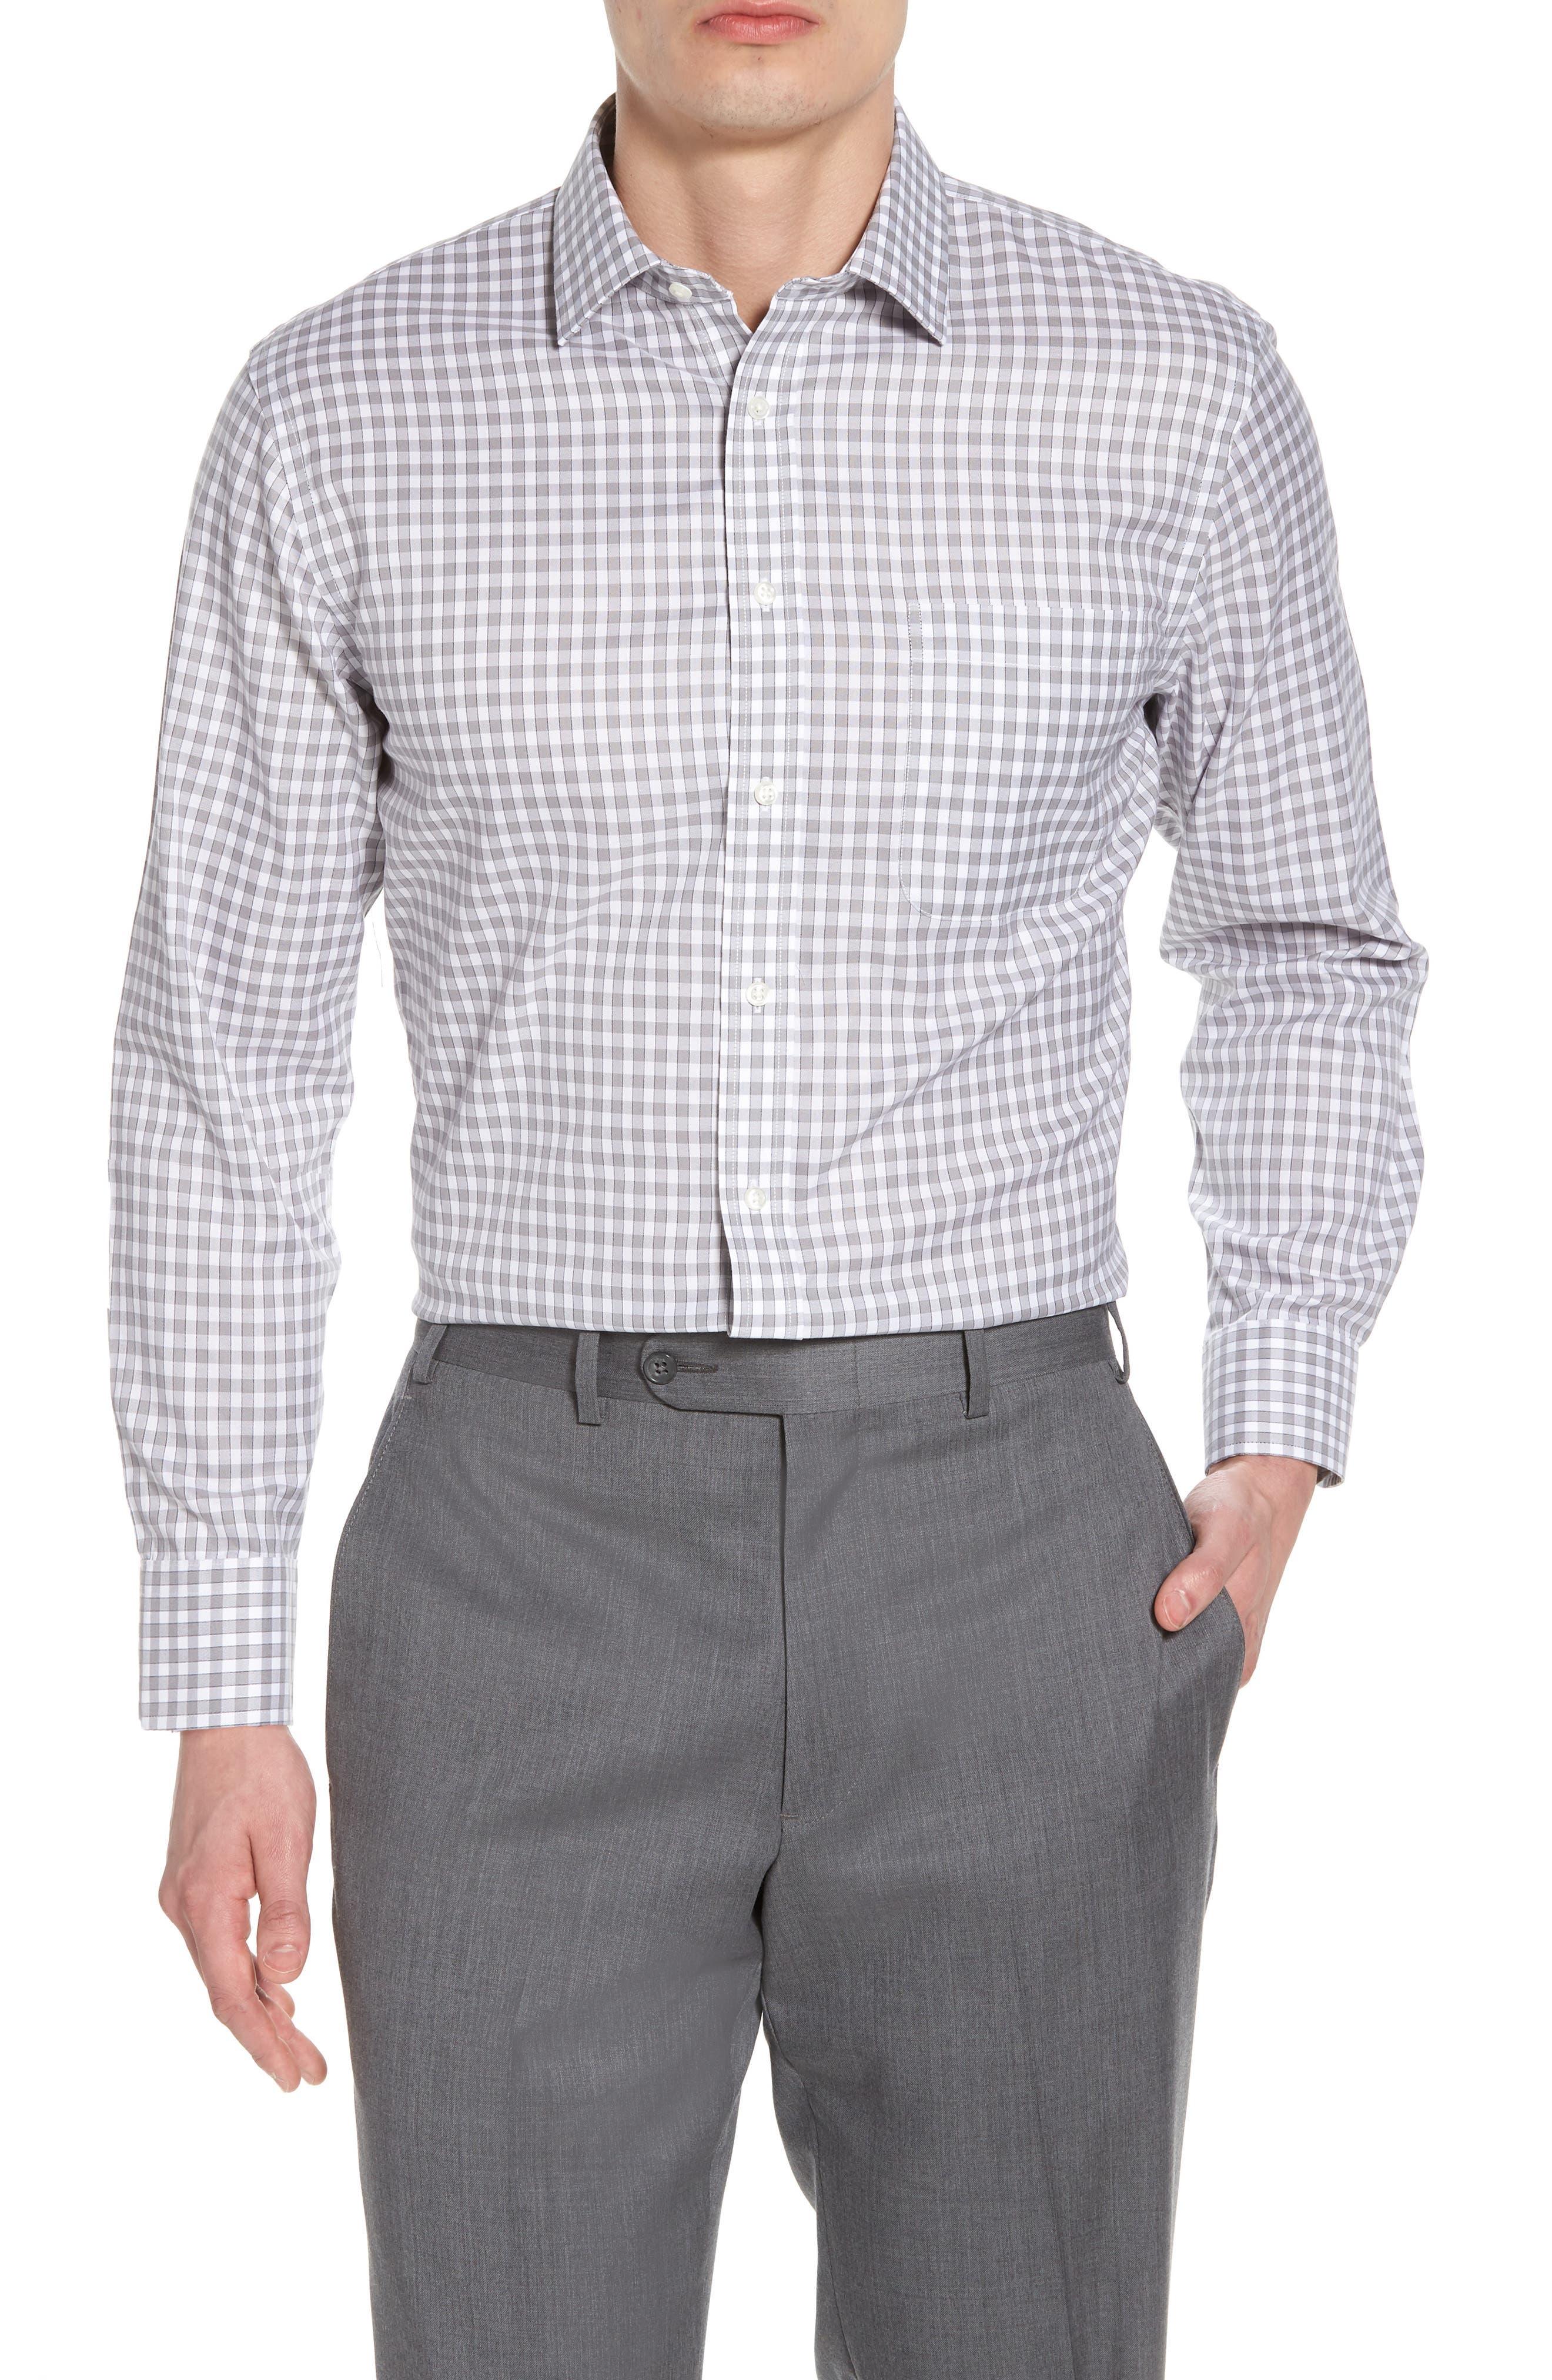 Nordstrom Men's Shop Smartcare™ Trim Fit Check Dress Shirt